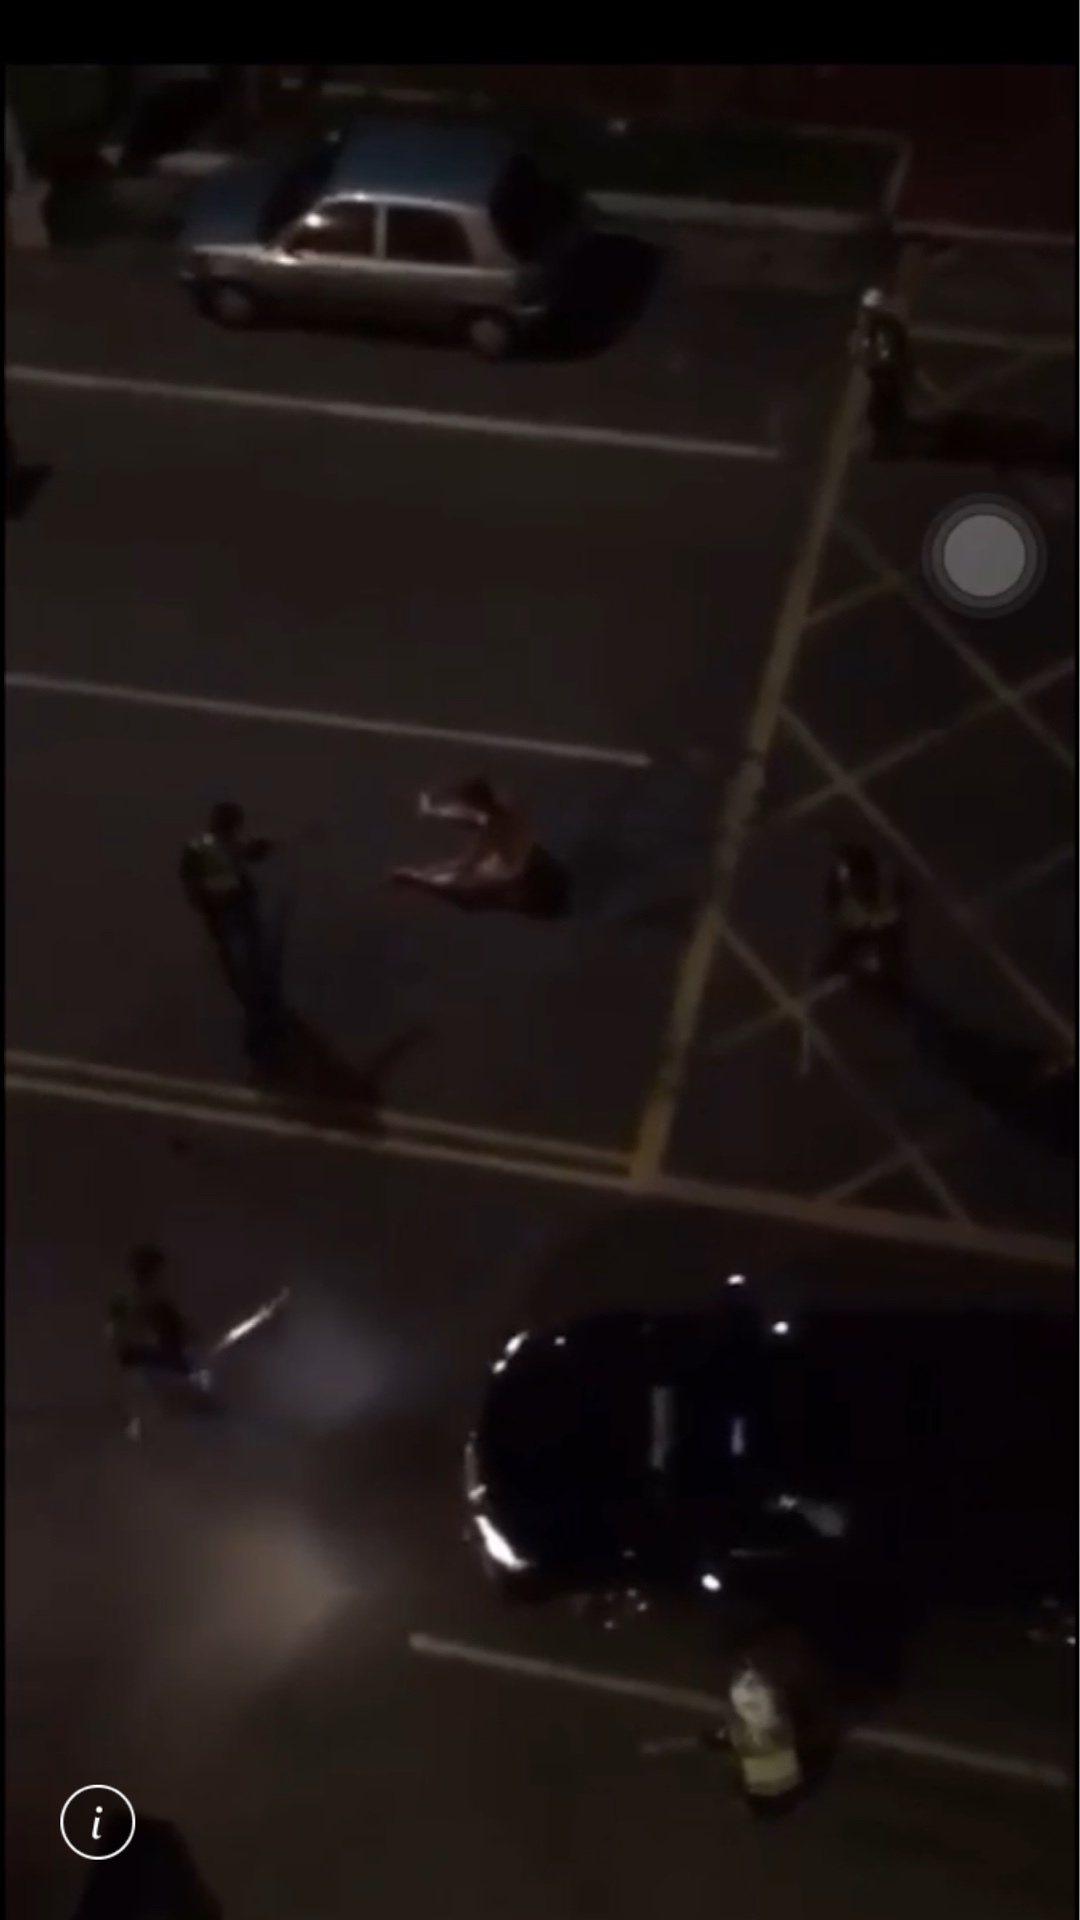 彰化縣一名裸體男子今天凌晨3點多在鹿港鎮中正路突然瘋狂沿路砸車,民眾向警方報案,...